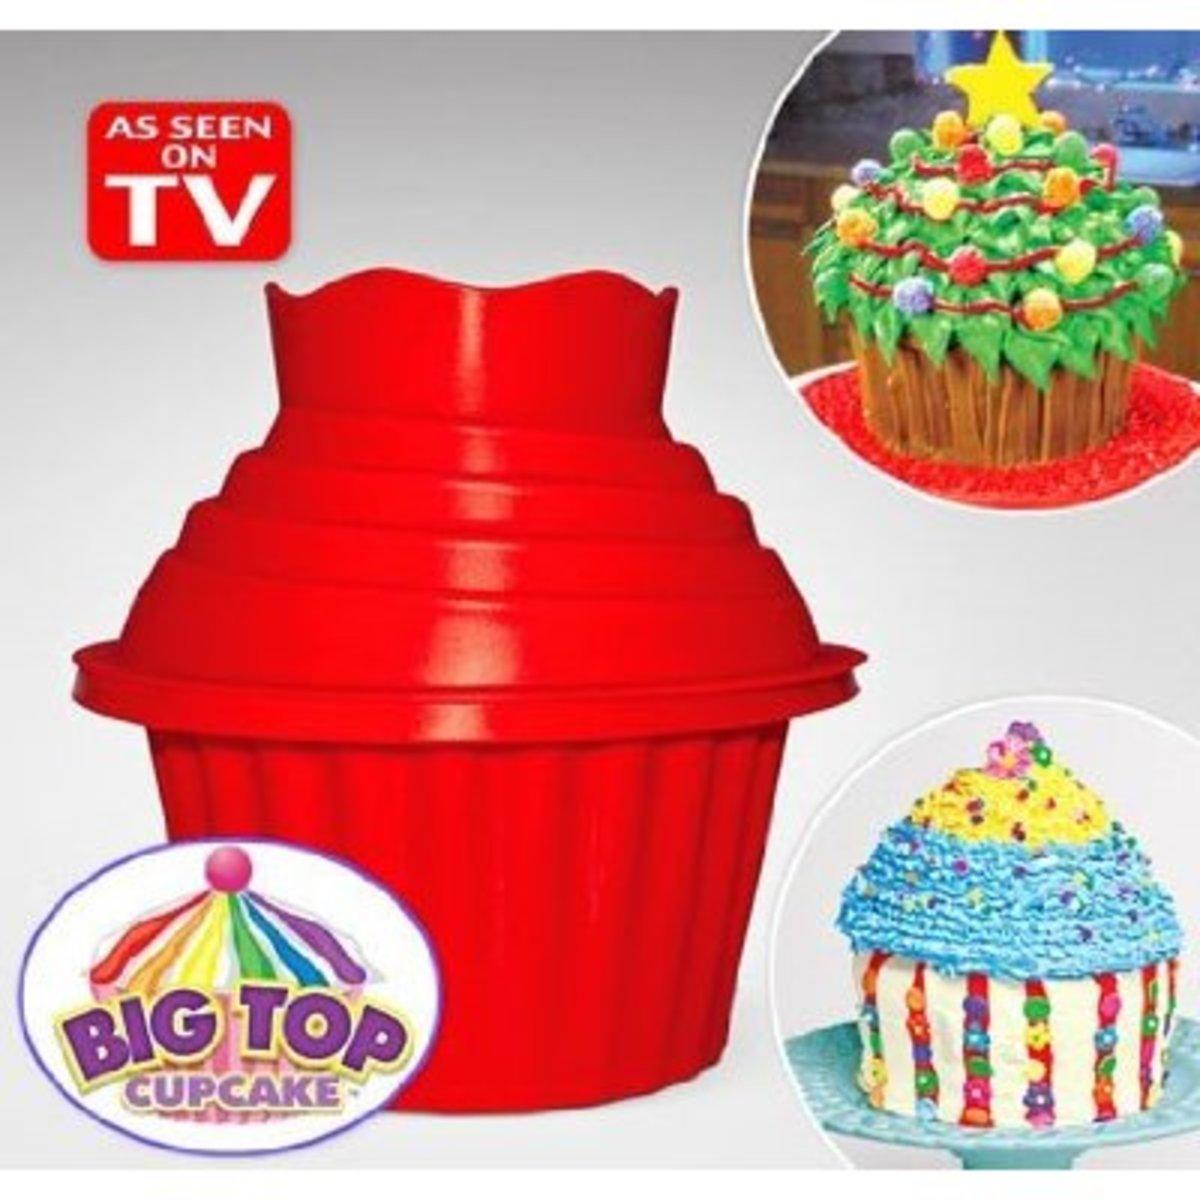 The Big Top Giant Cupcake Pan!